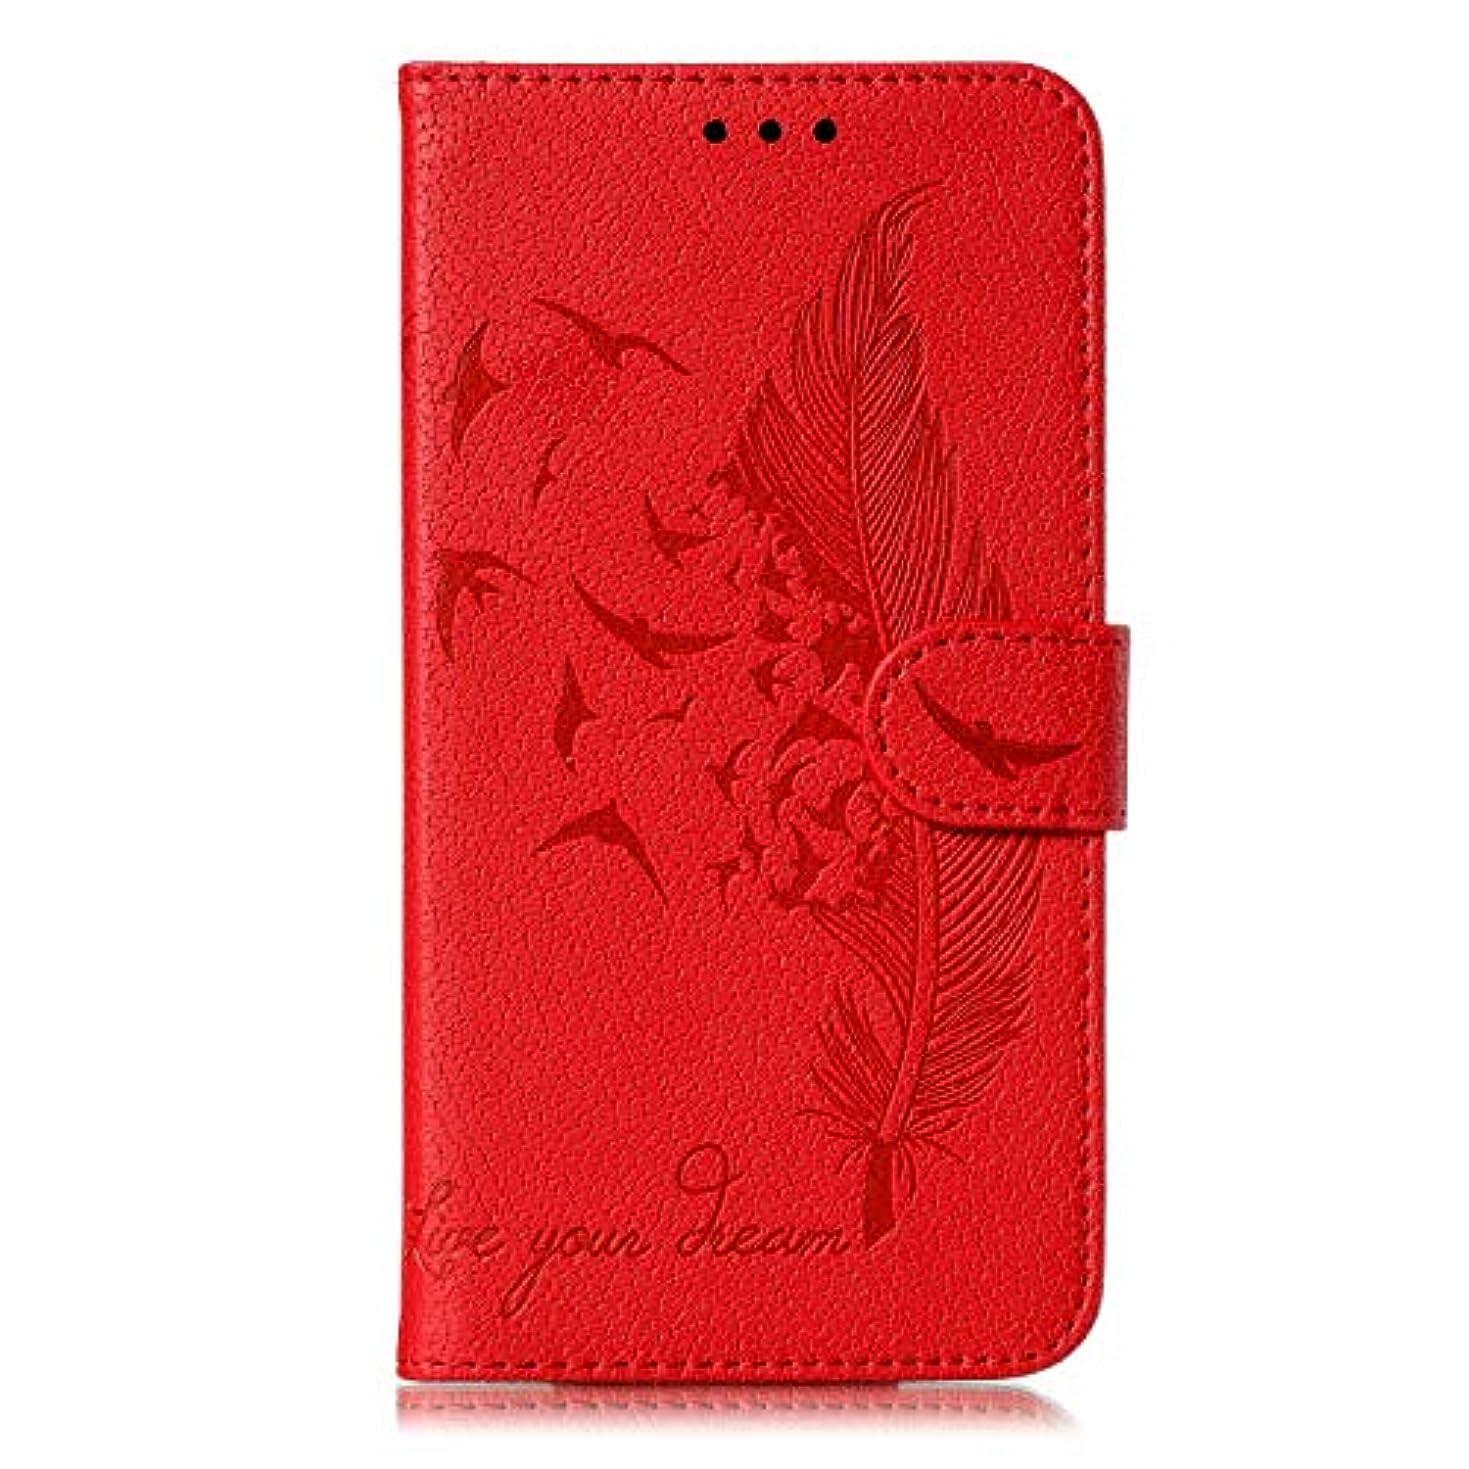 アパート聴く代理人Galaxy A70 ケース, OMATENTI PUレザー手帳型 ケース, 薄型 財布押し花 フェザー柄 スマホケース, マグネット開閉式 スタンド機能 カード収納 付き人気 新品, 赤